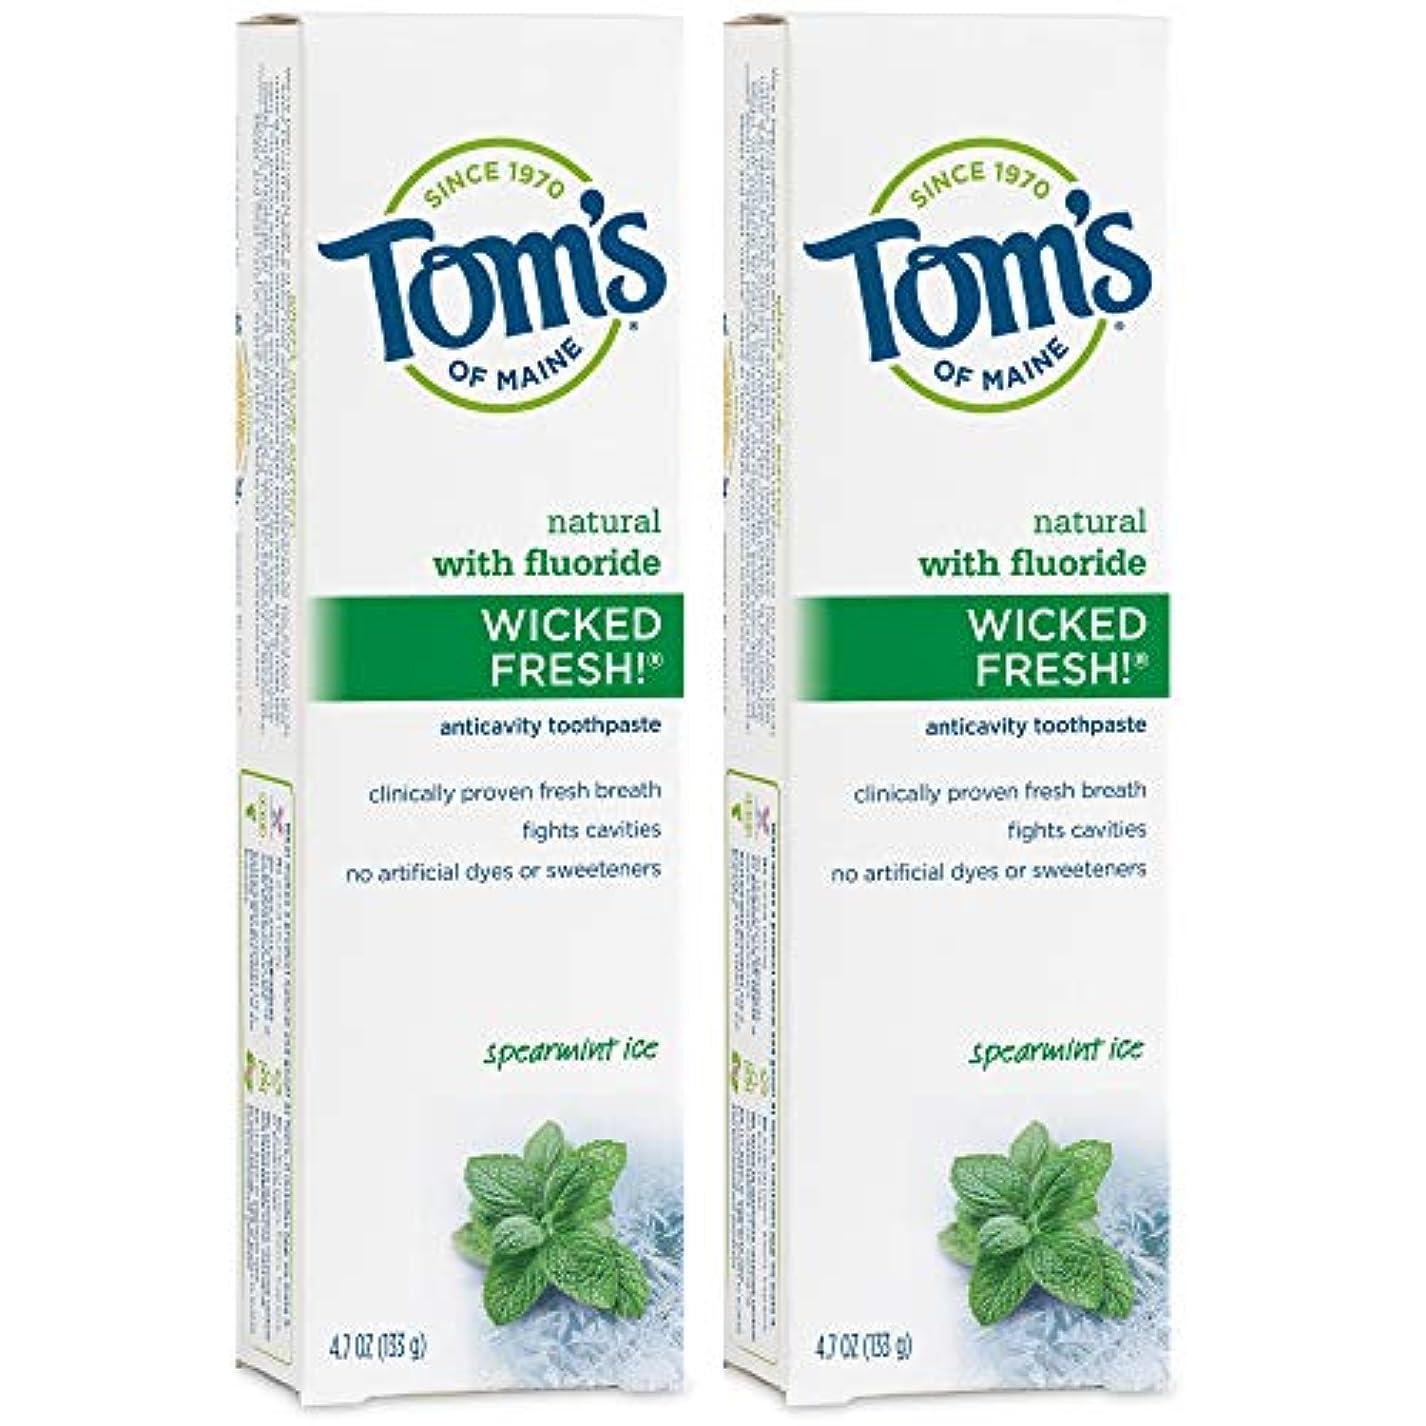 魔法かすかな合理化Tom's of Maine Wicked Fresh Long Lasting Fresh Breath Fluoride Toothpaste, Spearmint Ice, 4.7-Ounce by Tom's of...